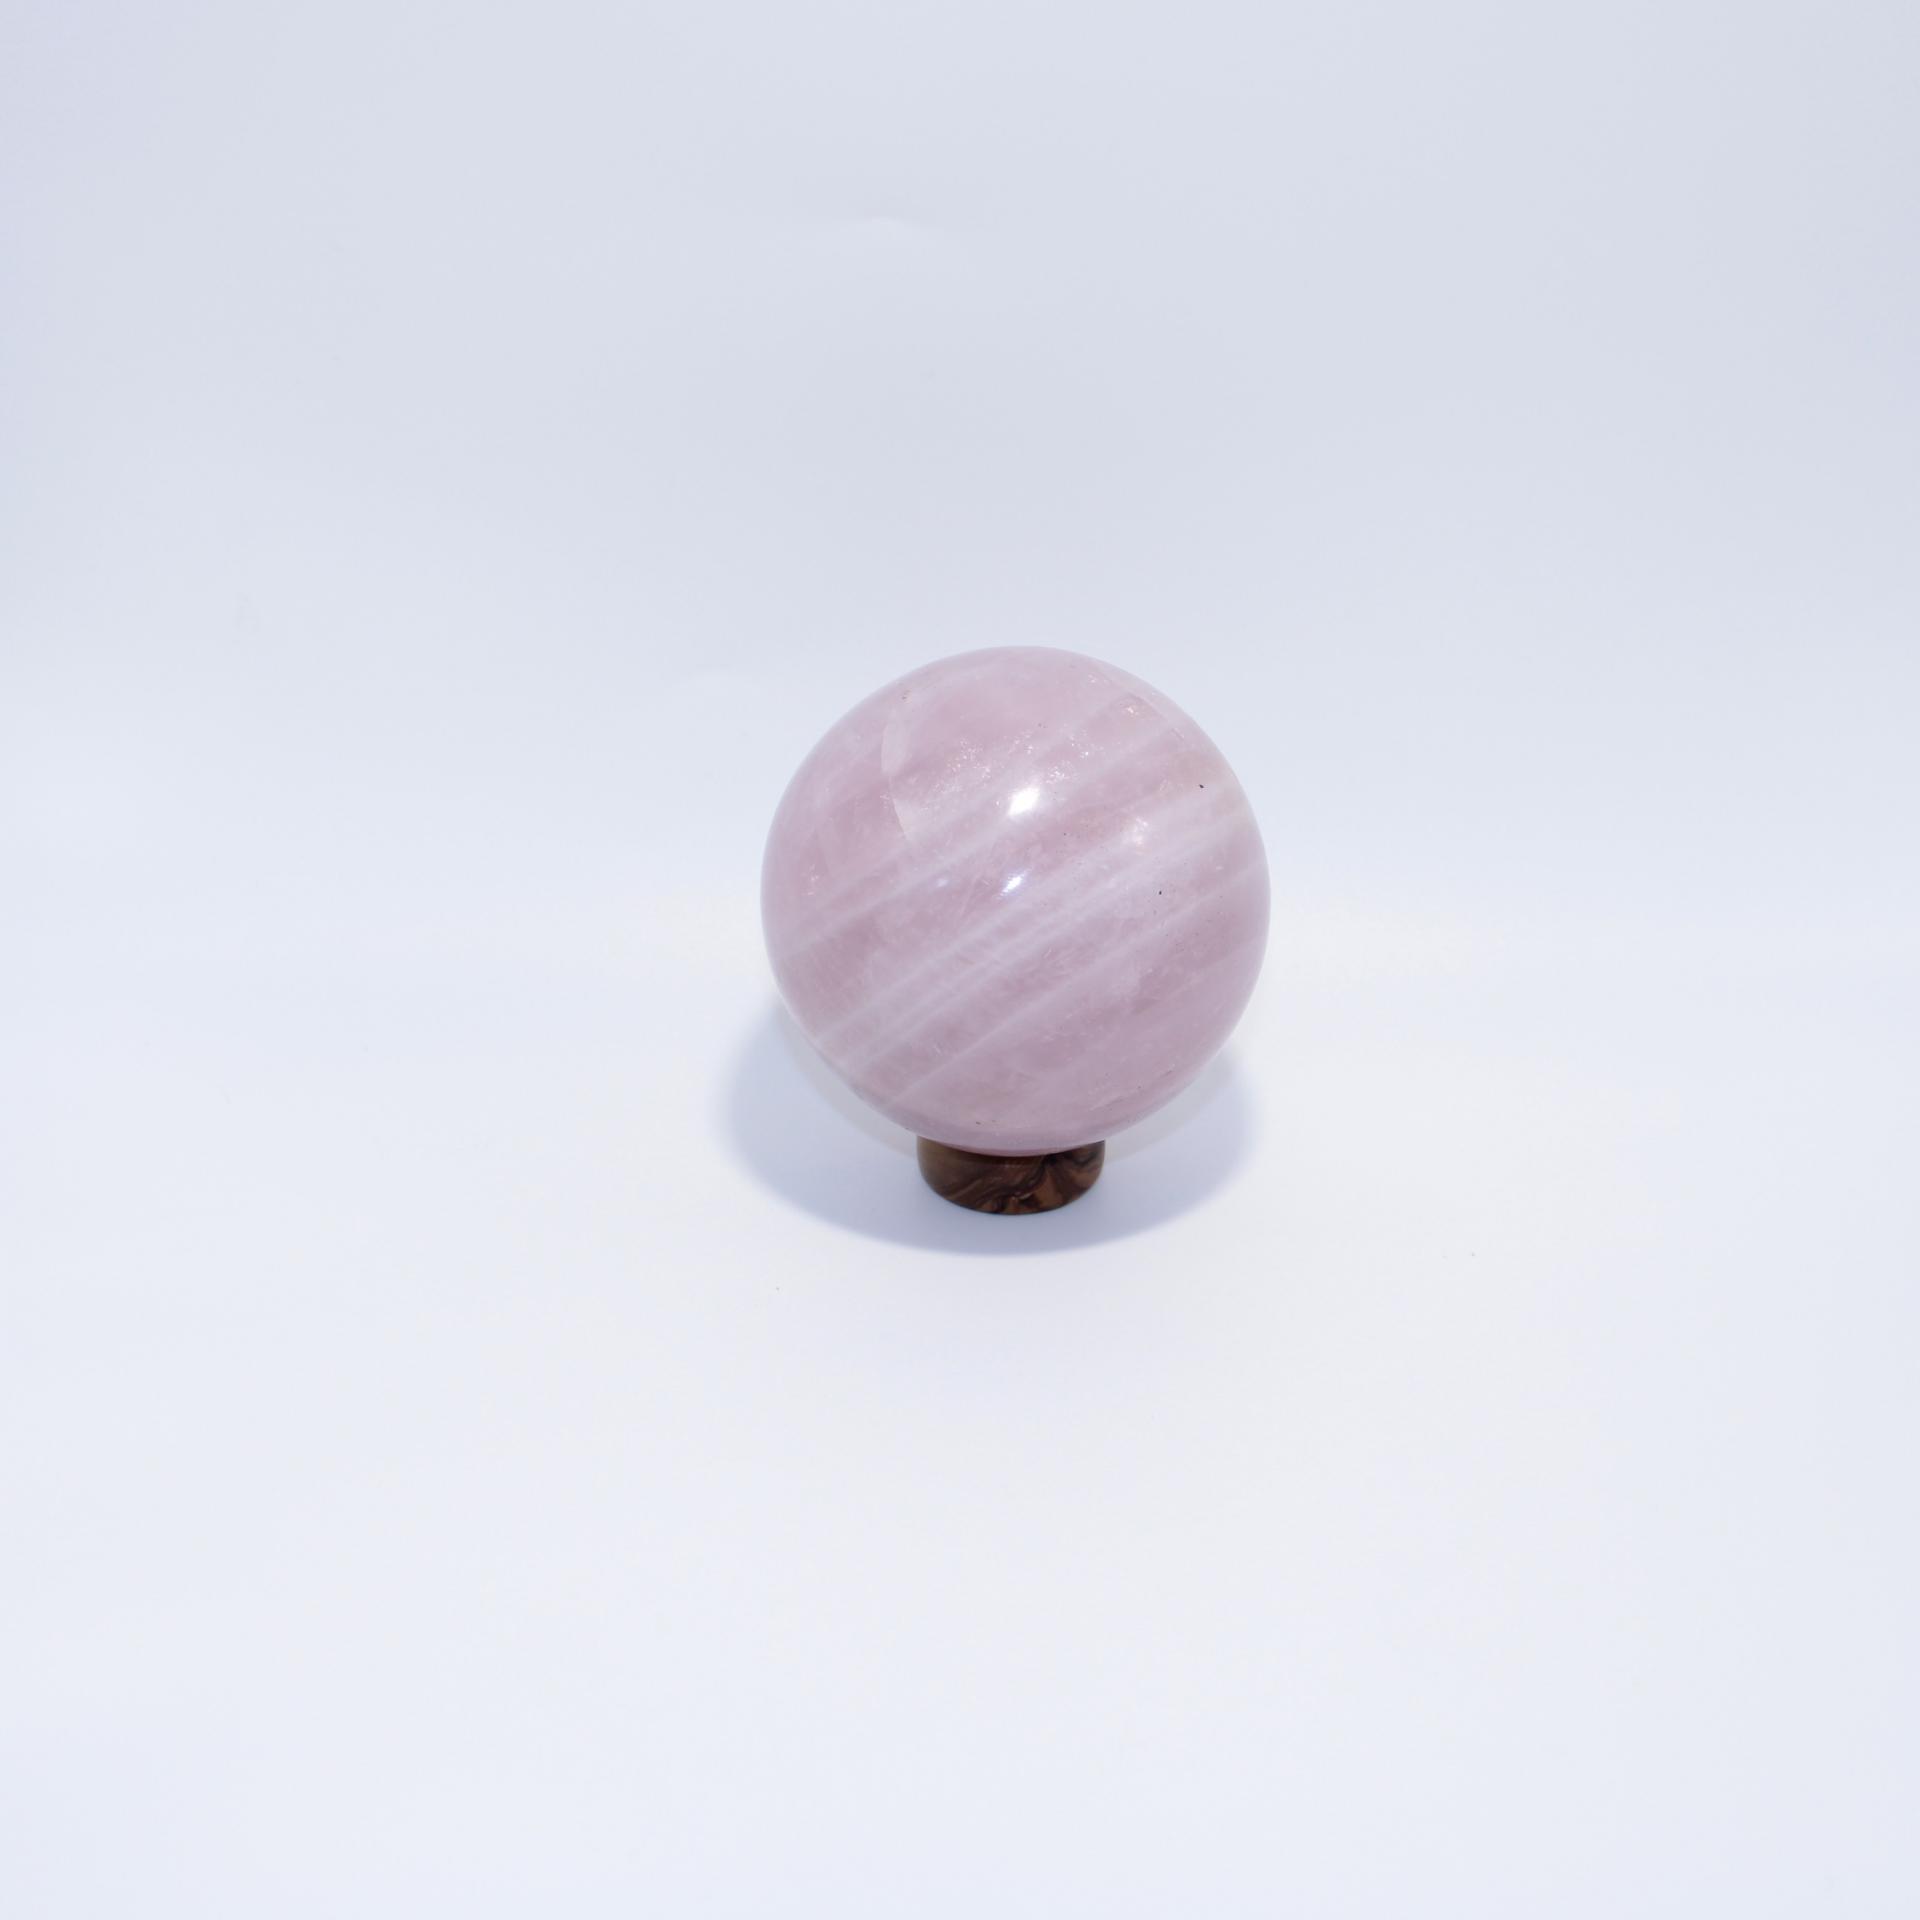 J13 sphere quartz rose 2